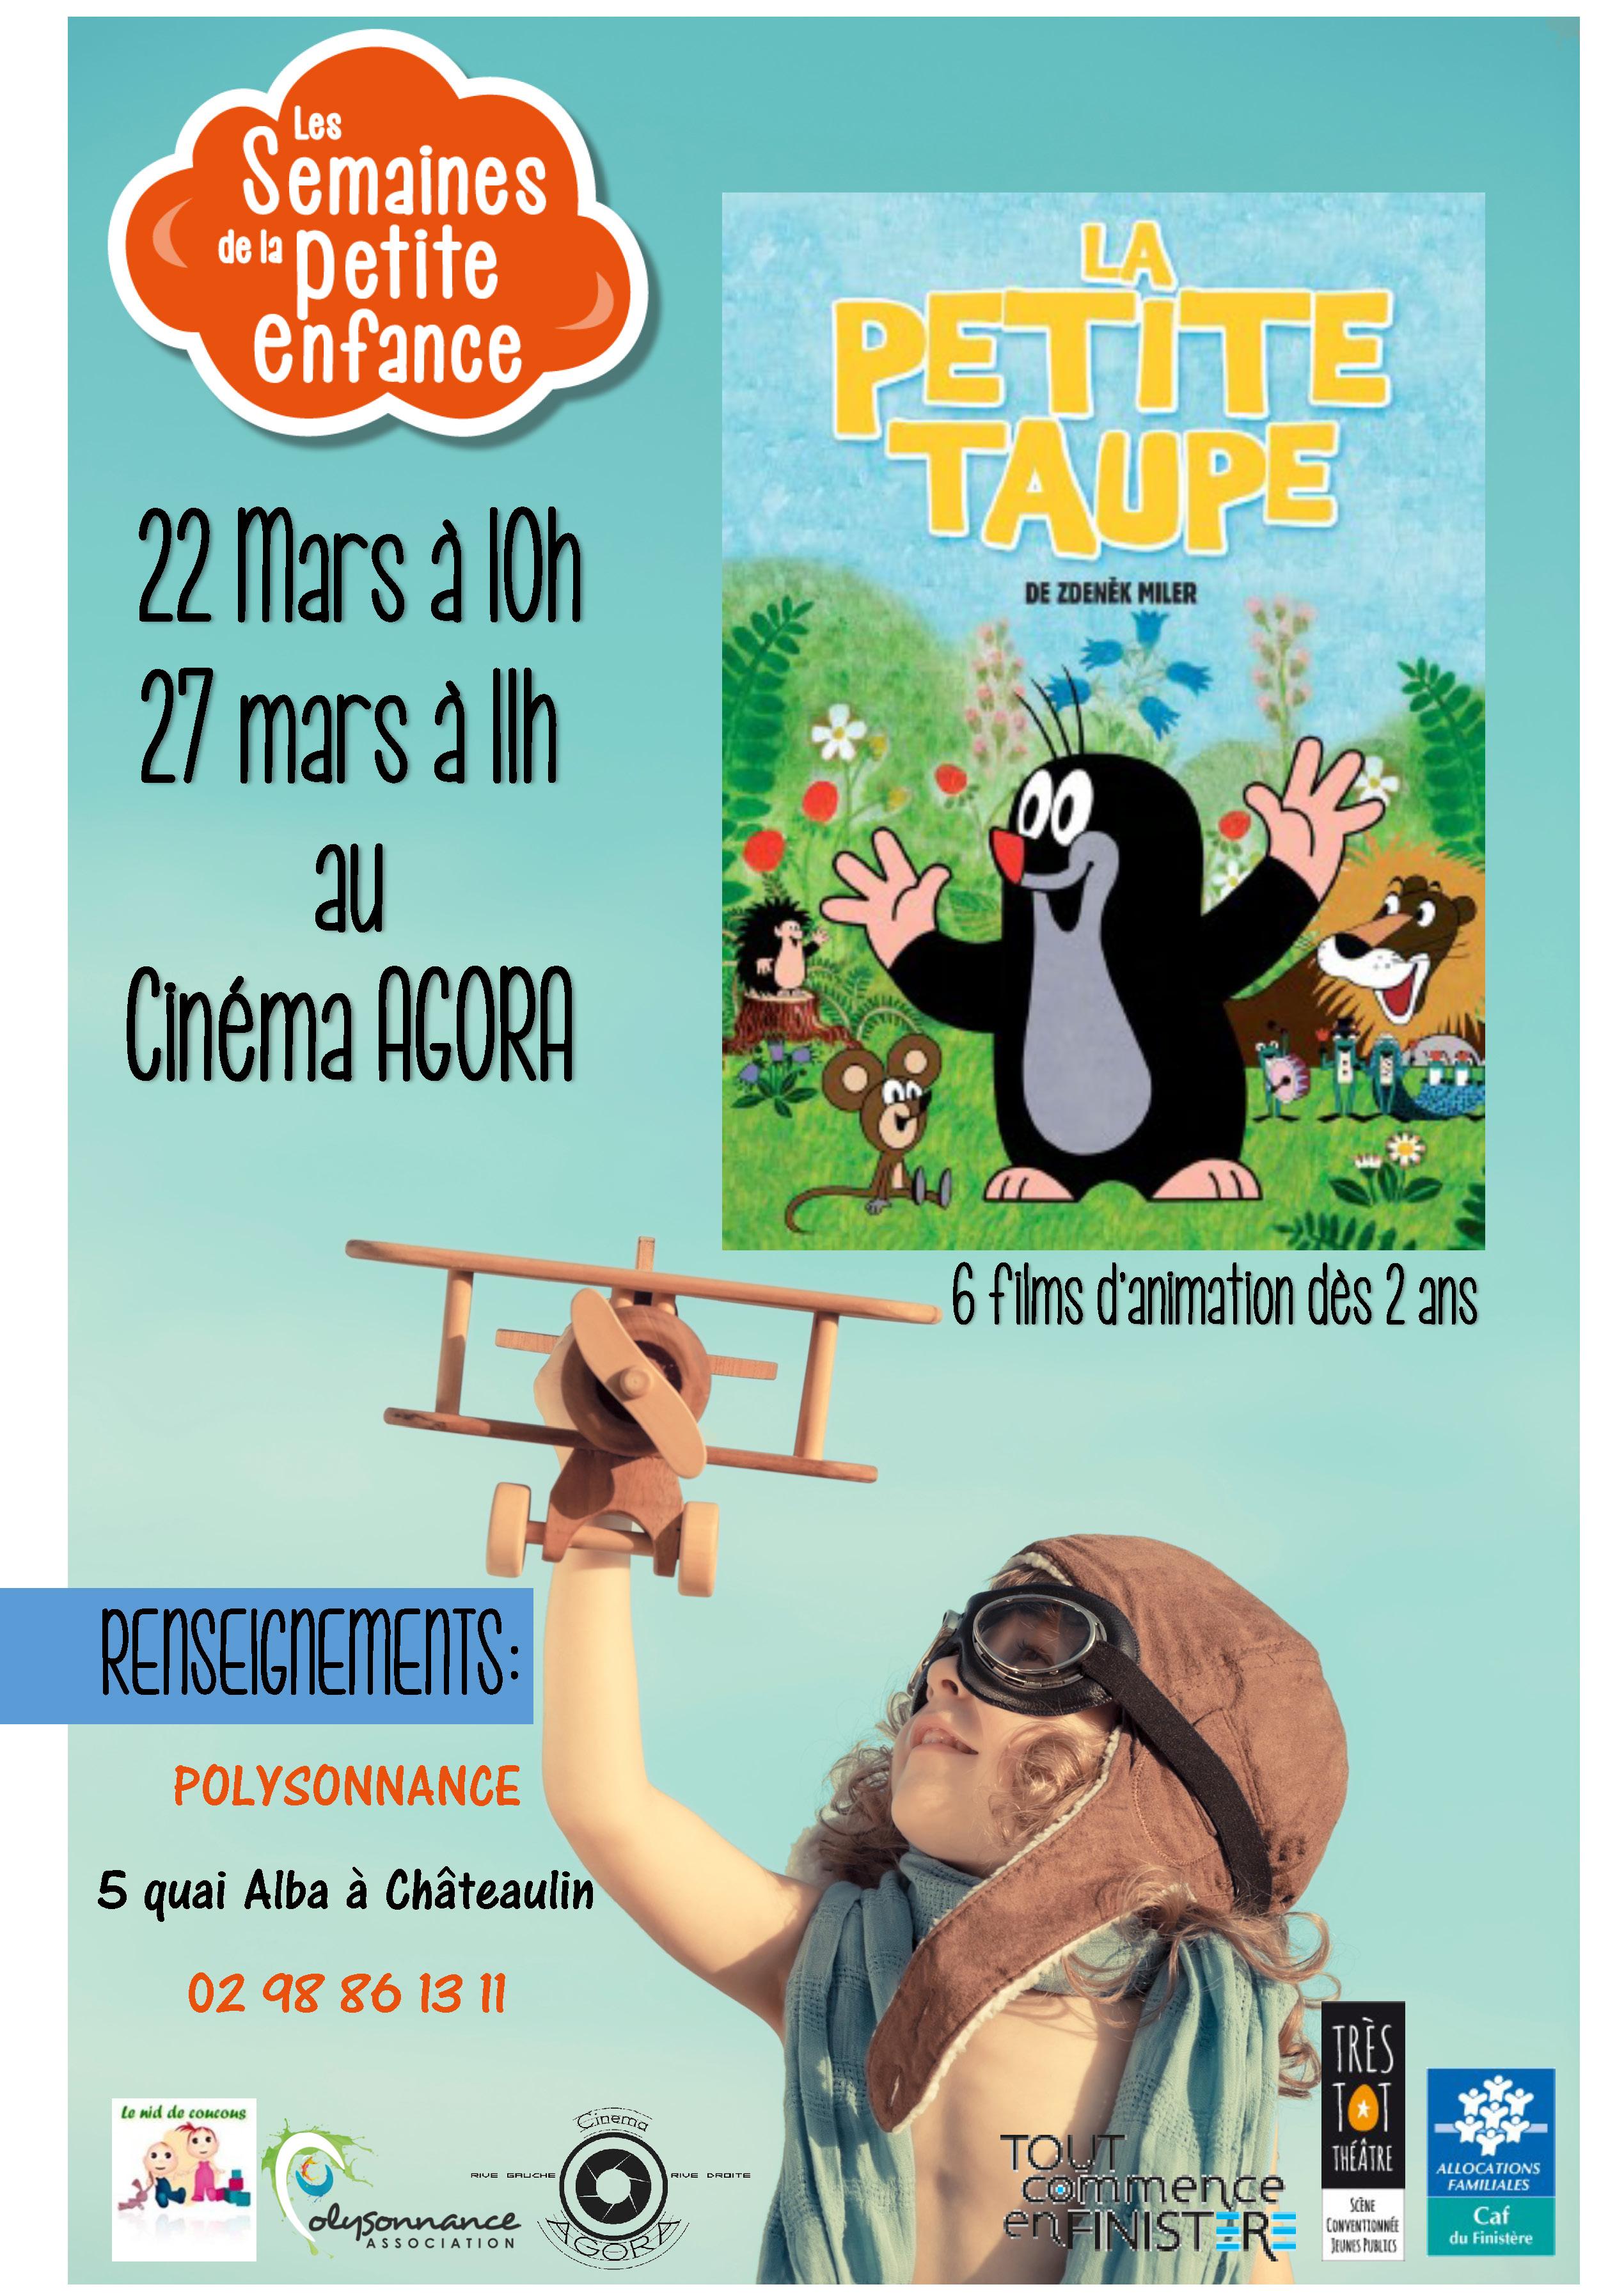 Semaine petite enfance : «La Petite Taupe »  au CINÉMA AGORA les 22  et 27 mars – Dès 2ans